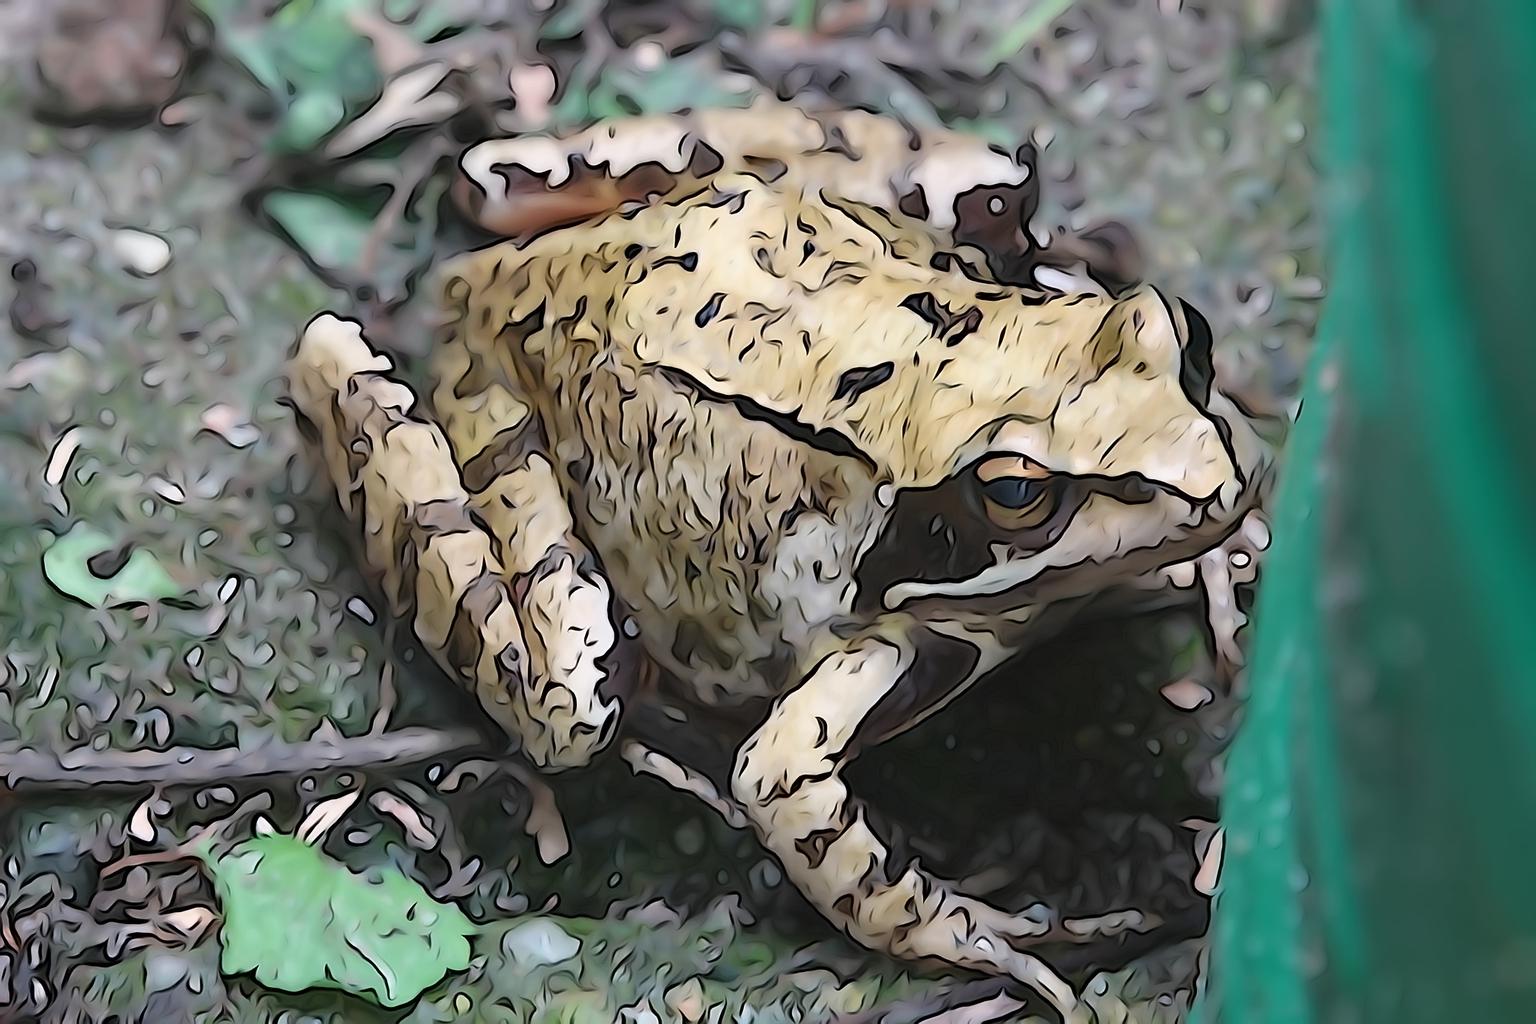 Pad - Pad in aquarel - foto door joke-37 op 16-04-2021 - deze foto bevat: kikker, echte kikker, pad, organisme, echte pad, terrestrische dieren, aanpassing, amfibie, terrestrische plant, snuit